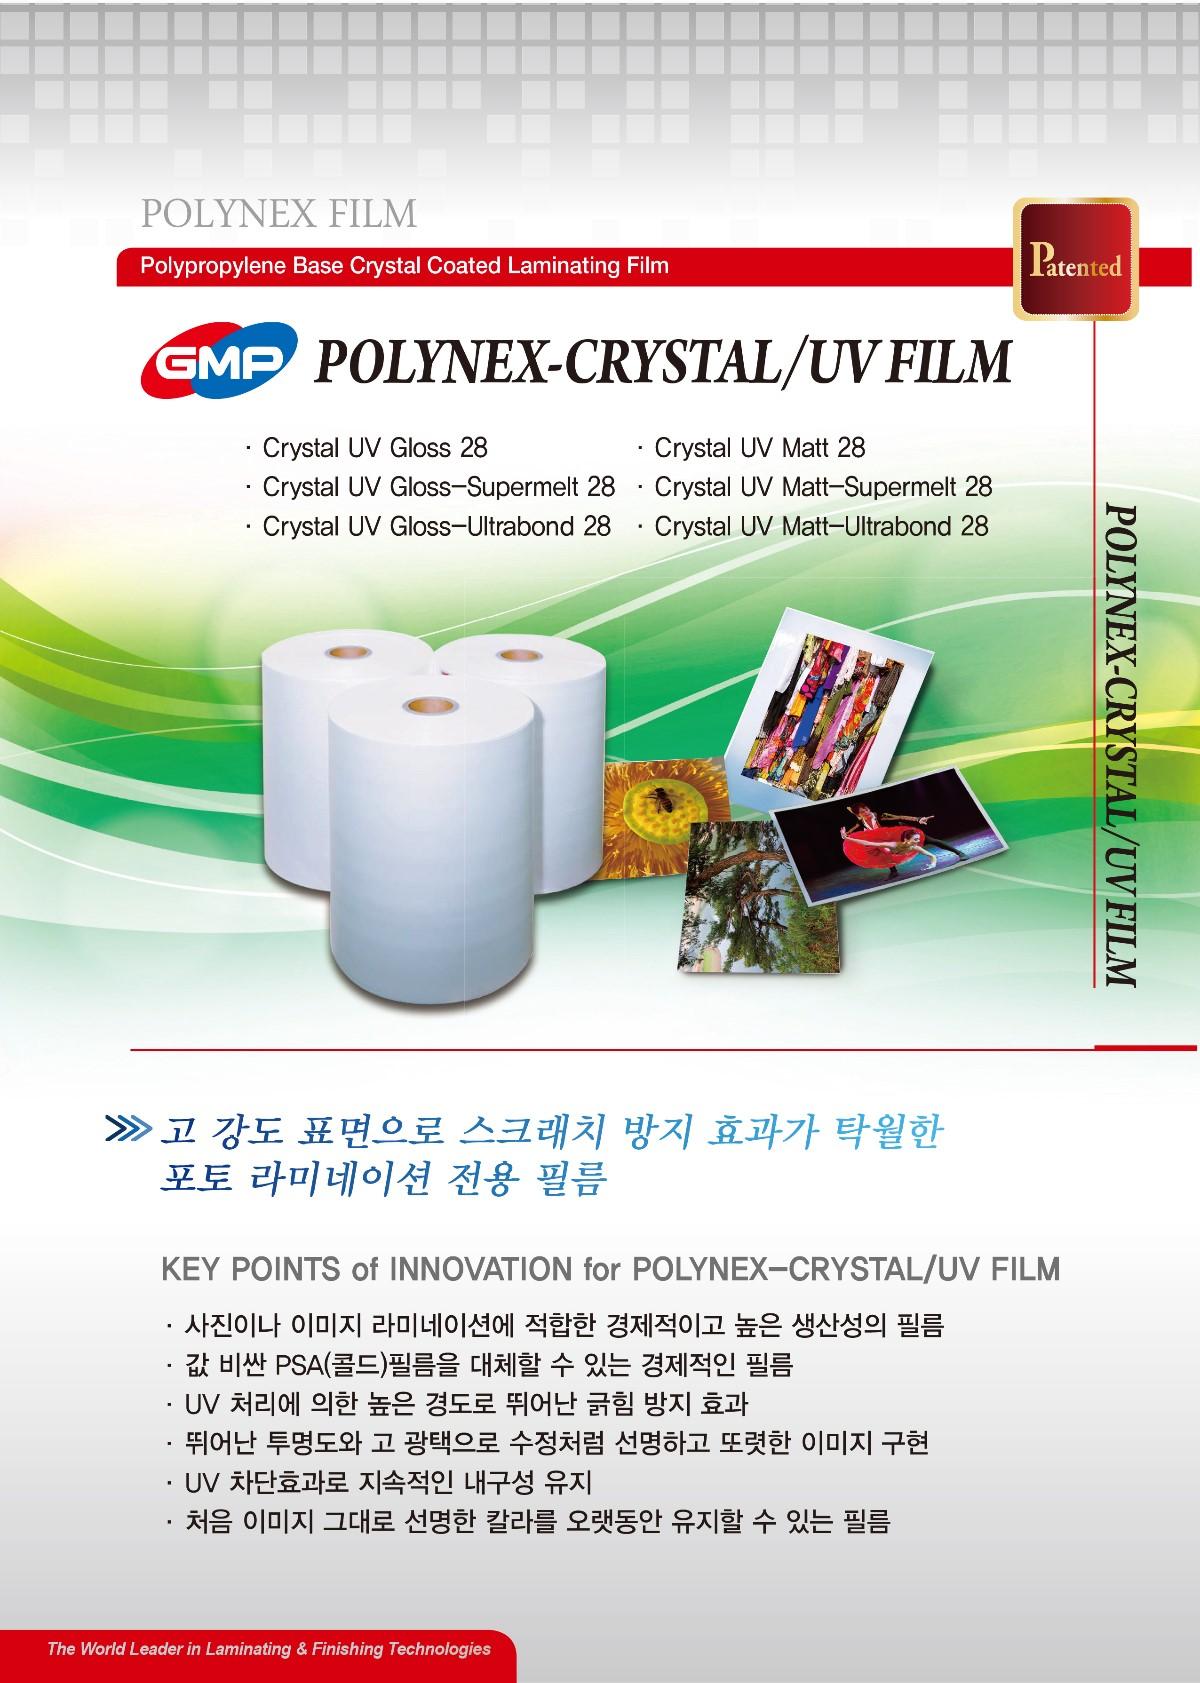 Polynex-Crystal_uv_film_K-1.jpg